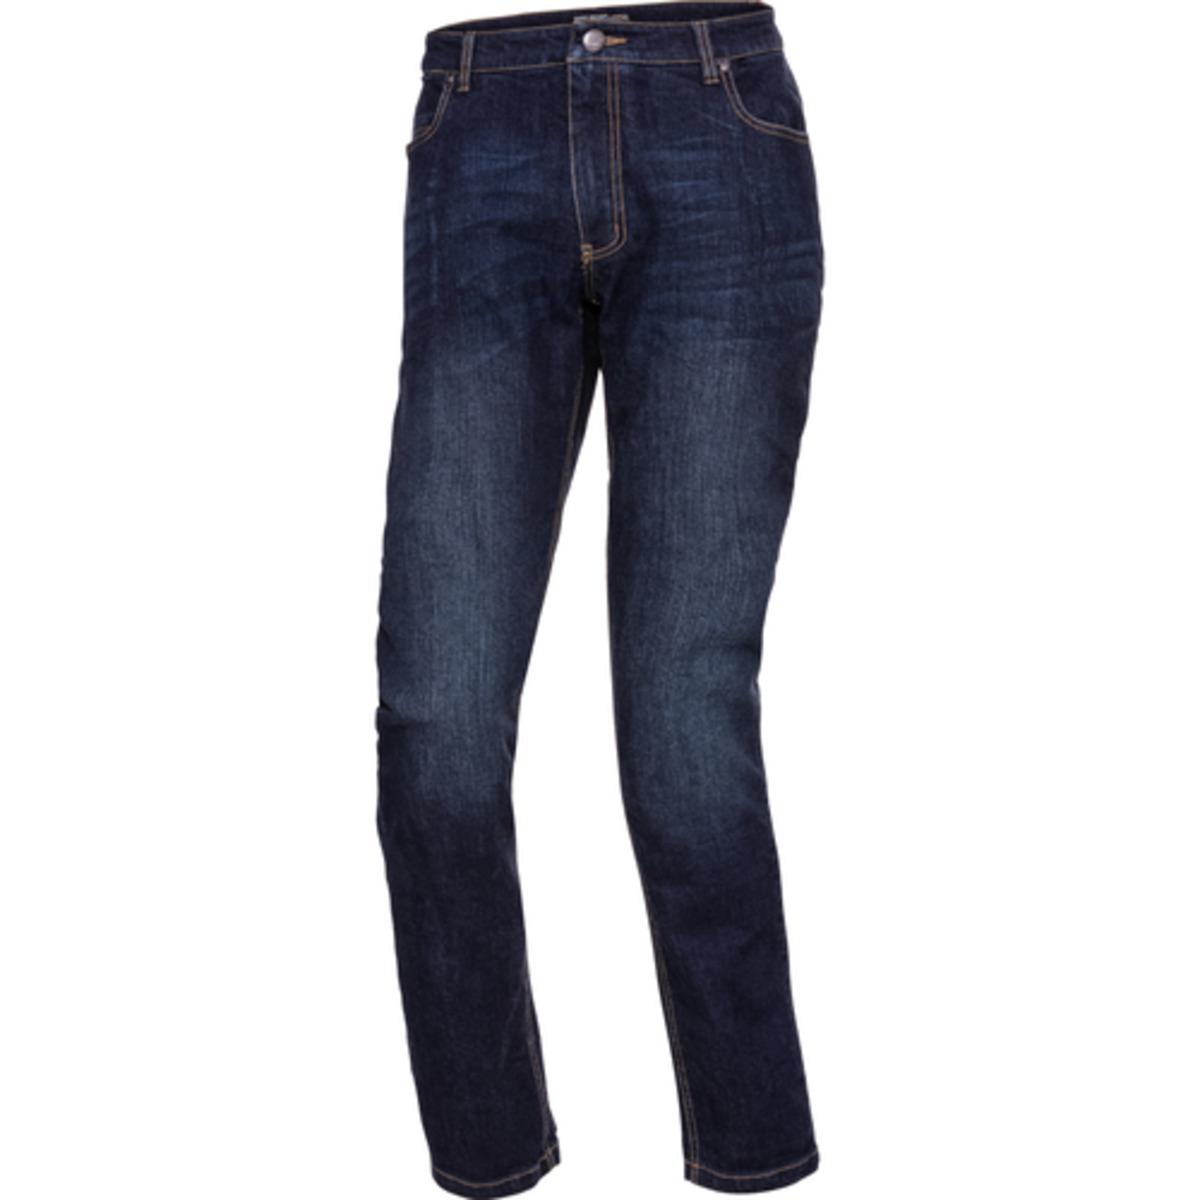 Bild 1 von Cordura Denim Jeans mit Aramid 2.0